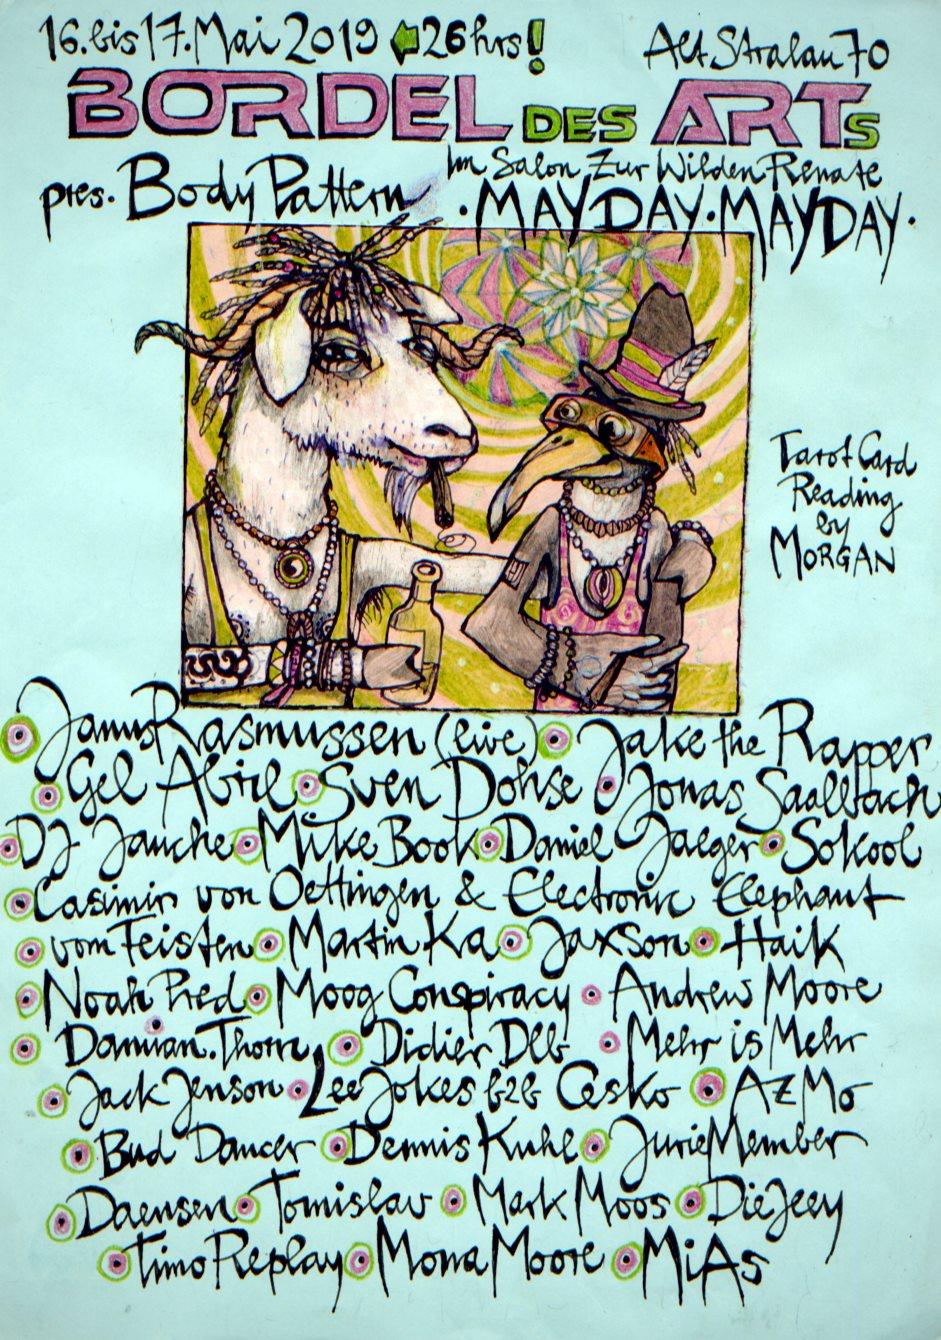 RA: Bordel Des Arts - Mayday Mayday - 26h at Salon Zur